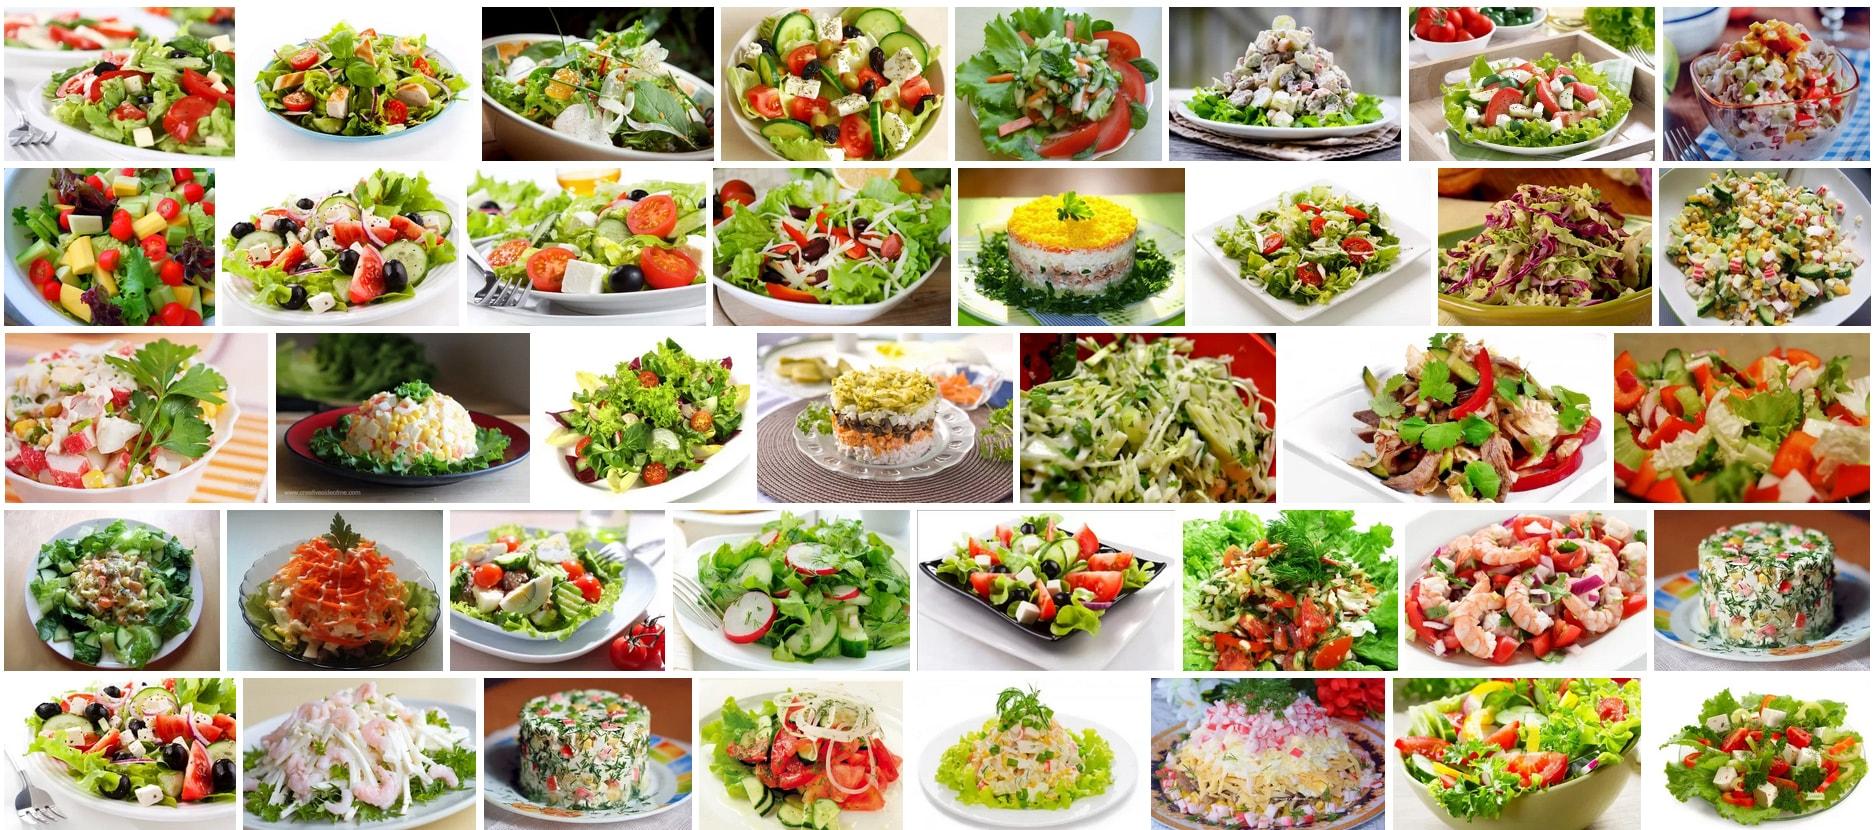 видео салаты на день рождения простые и вкусные рецепты фото